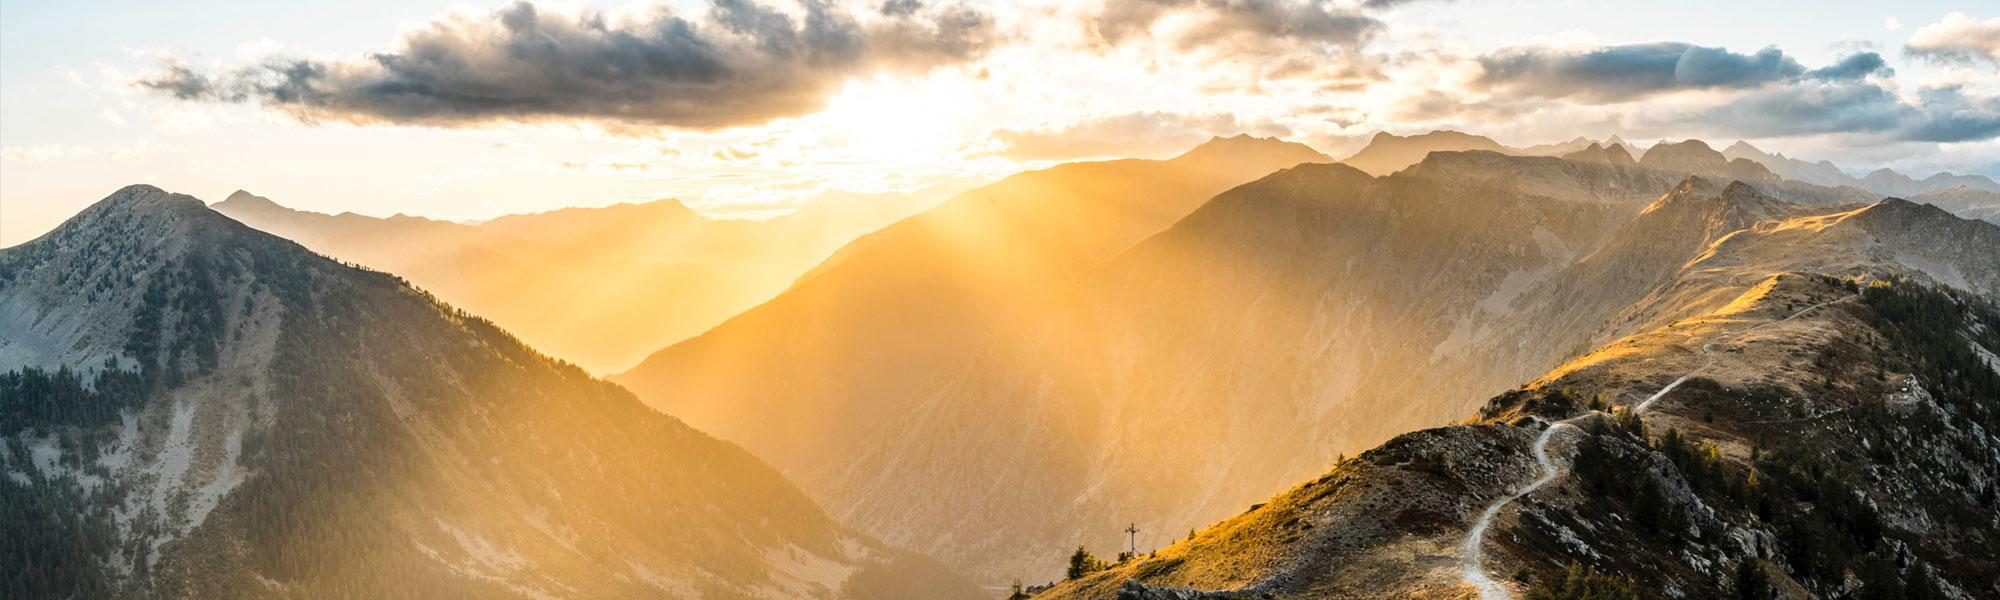 Alpenbestattung